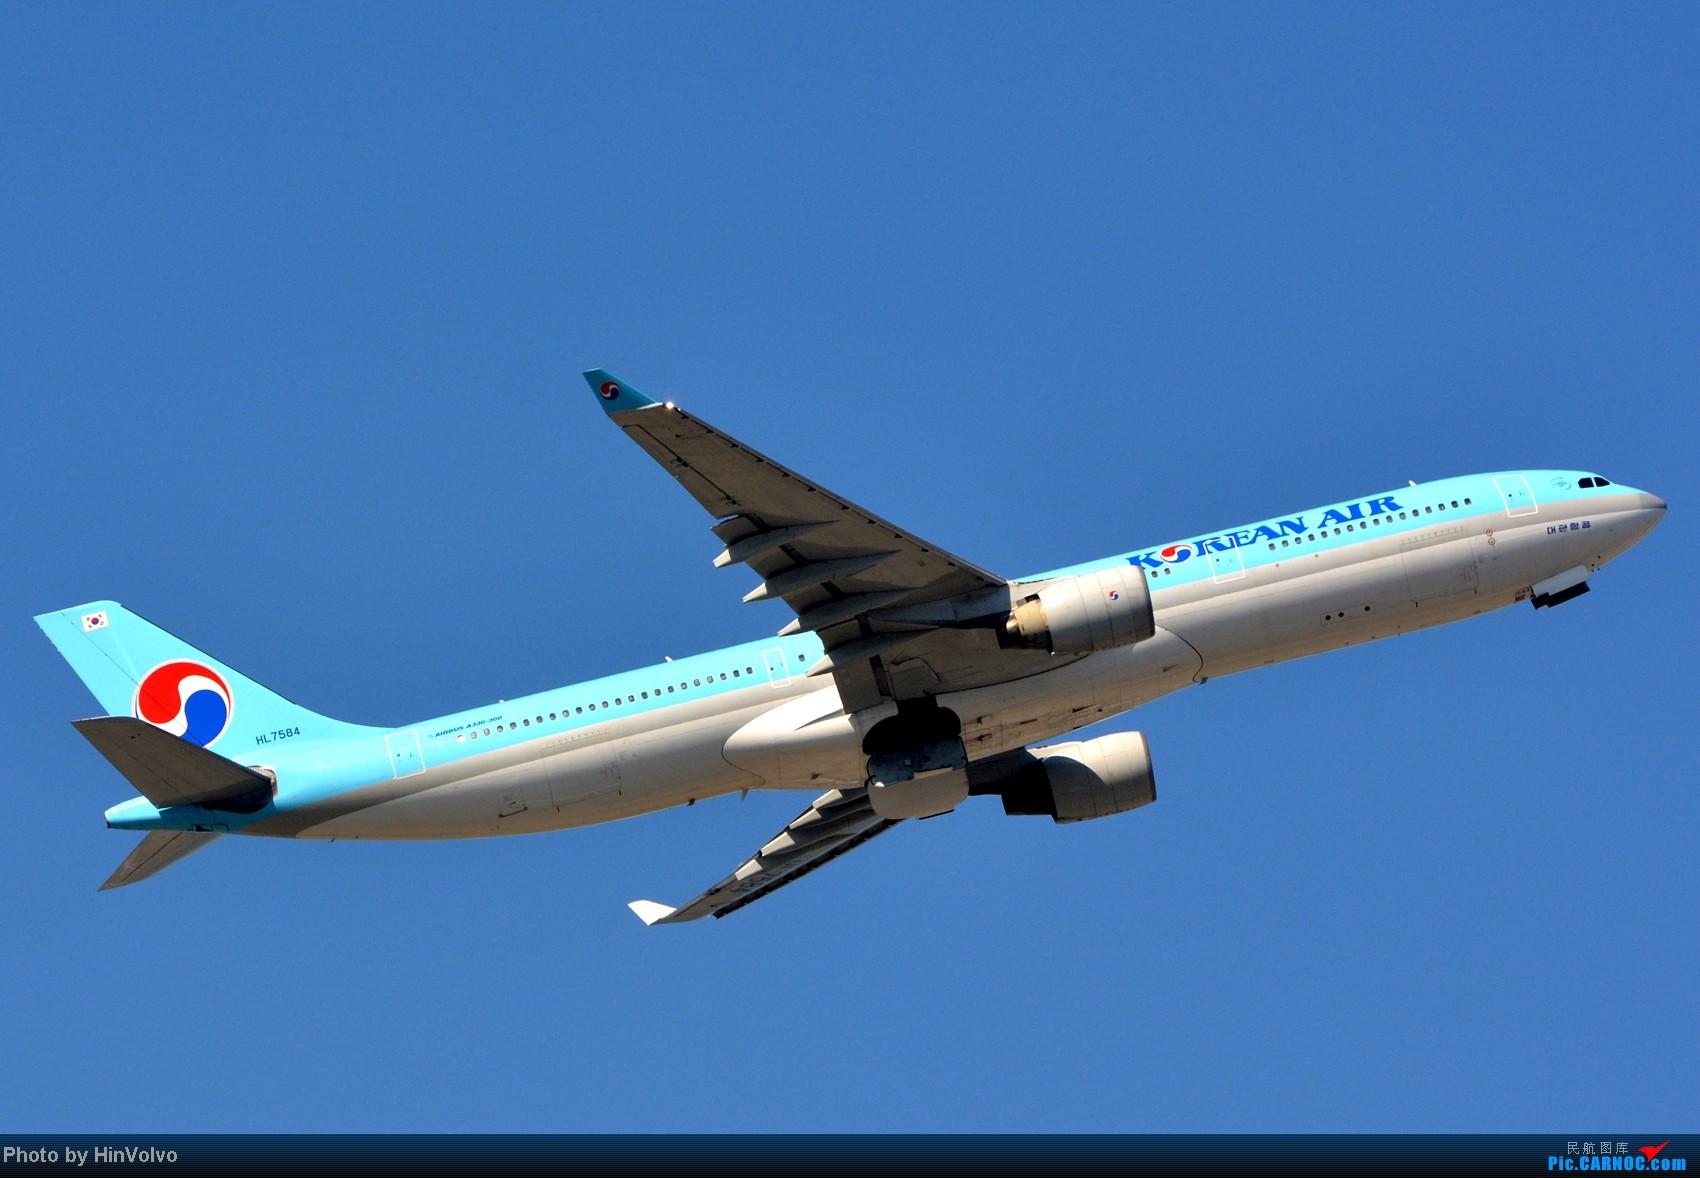 Re:[原创]~~~~多圖系列~~~HKG,早上好!寒冷的天氣出發前往機場拍到中午。 AIRBUS A330-300 HL7584 中国香港赤鱲角机场